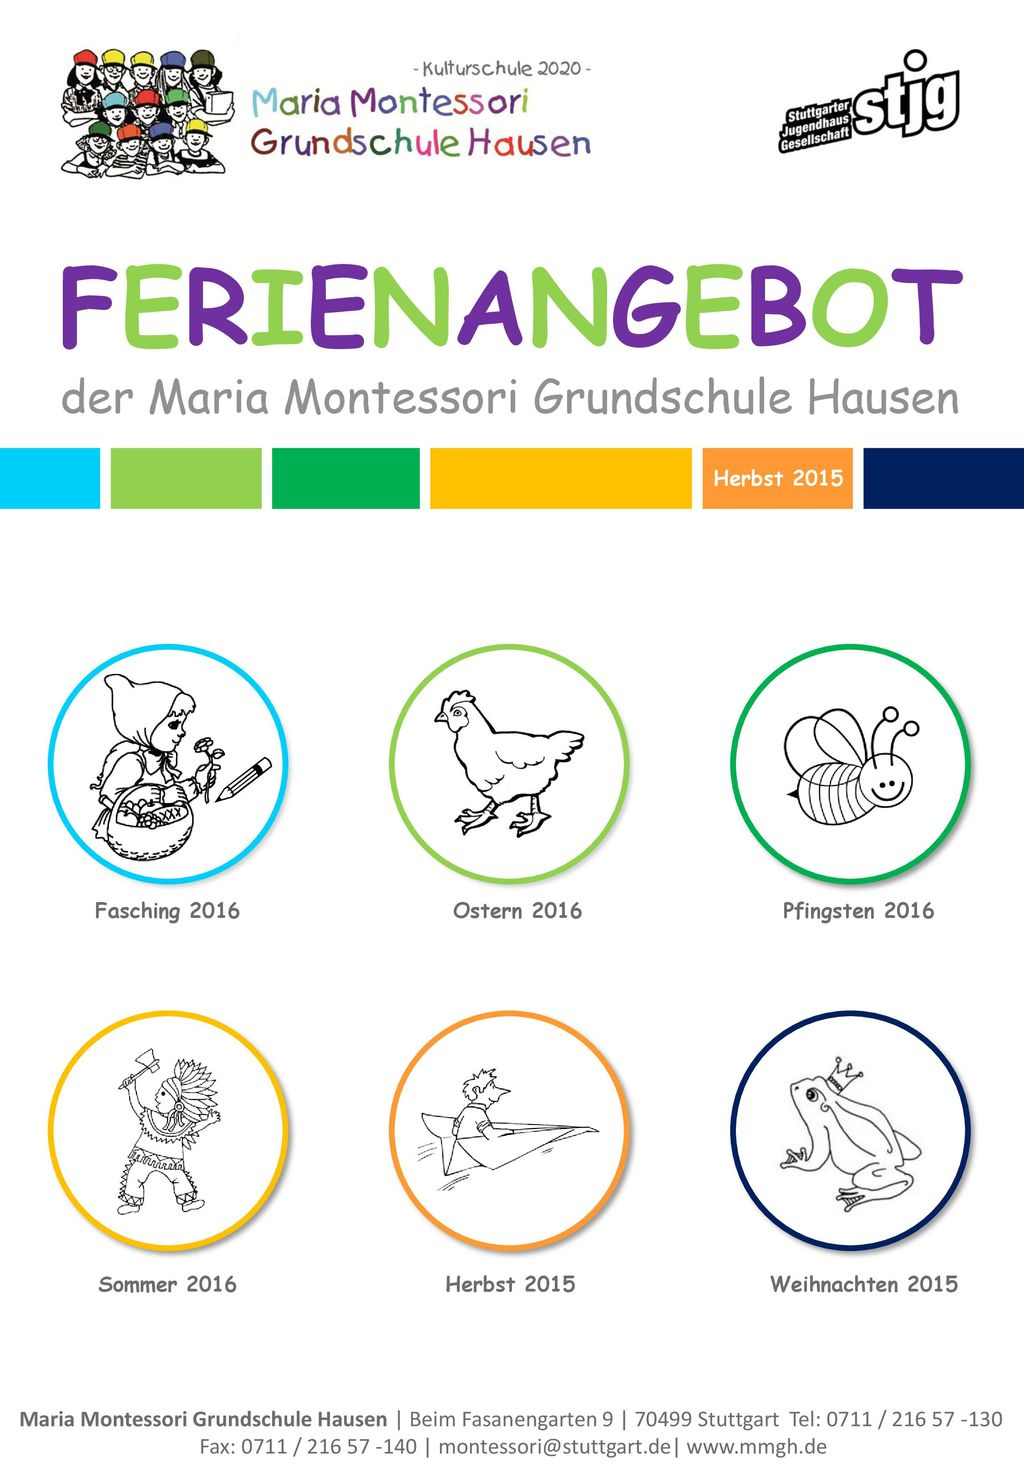 FERIENANGEBOT der Maria Montessori Grundschule Hausen